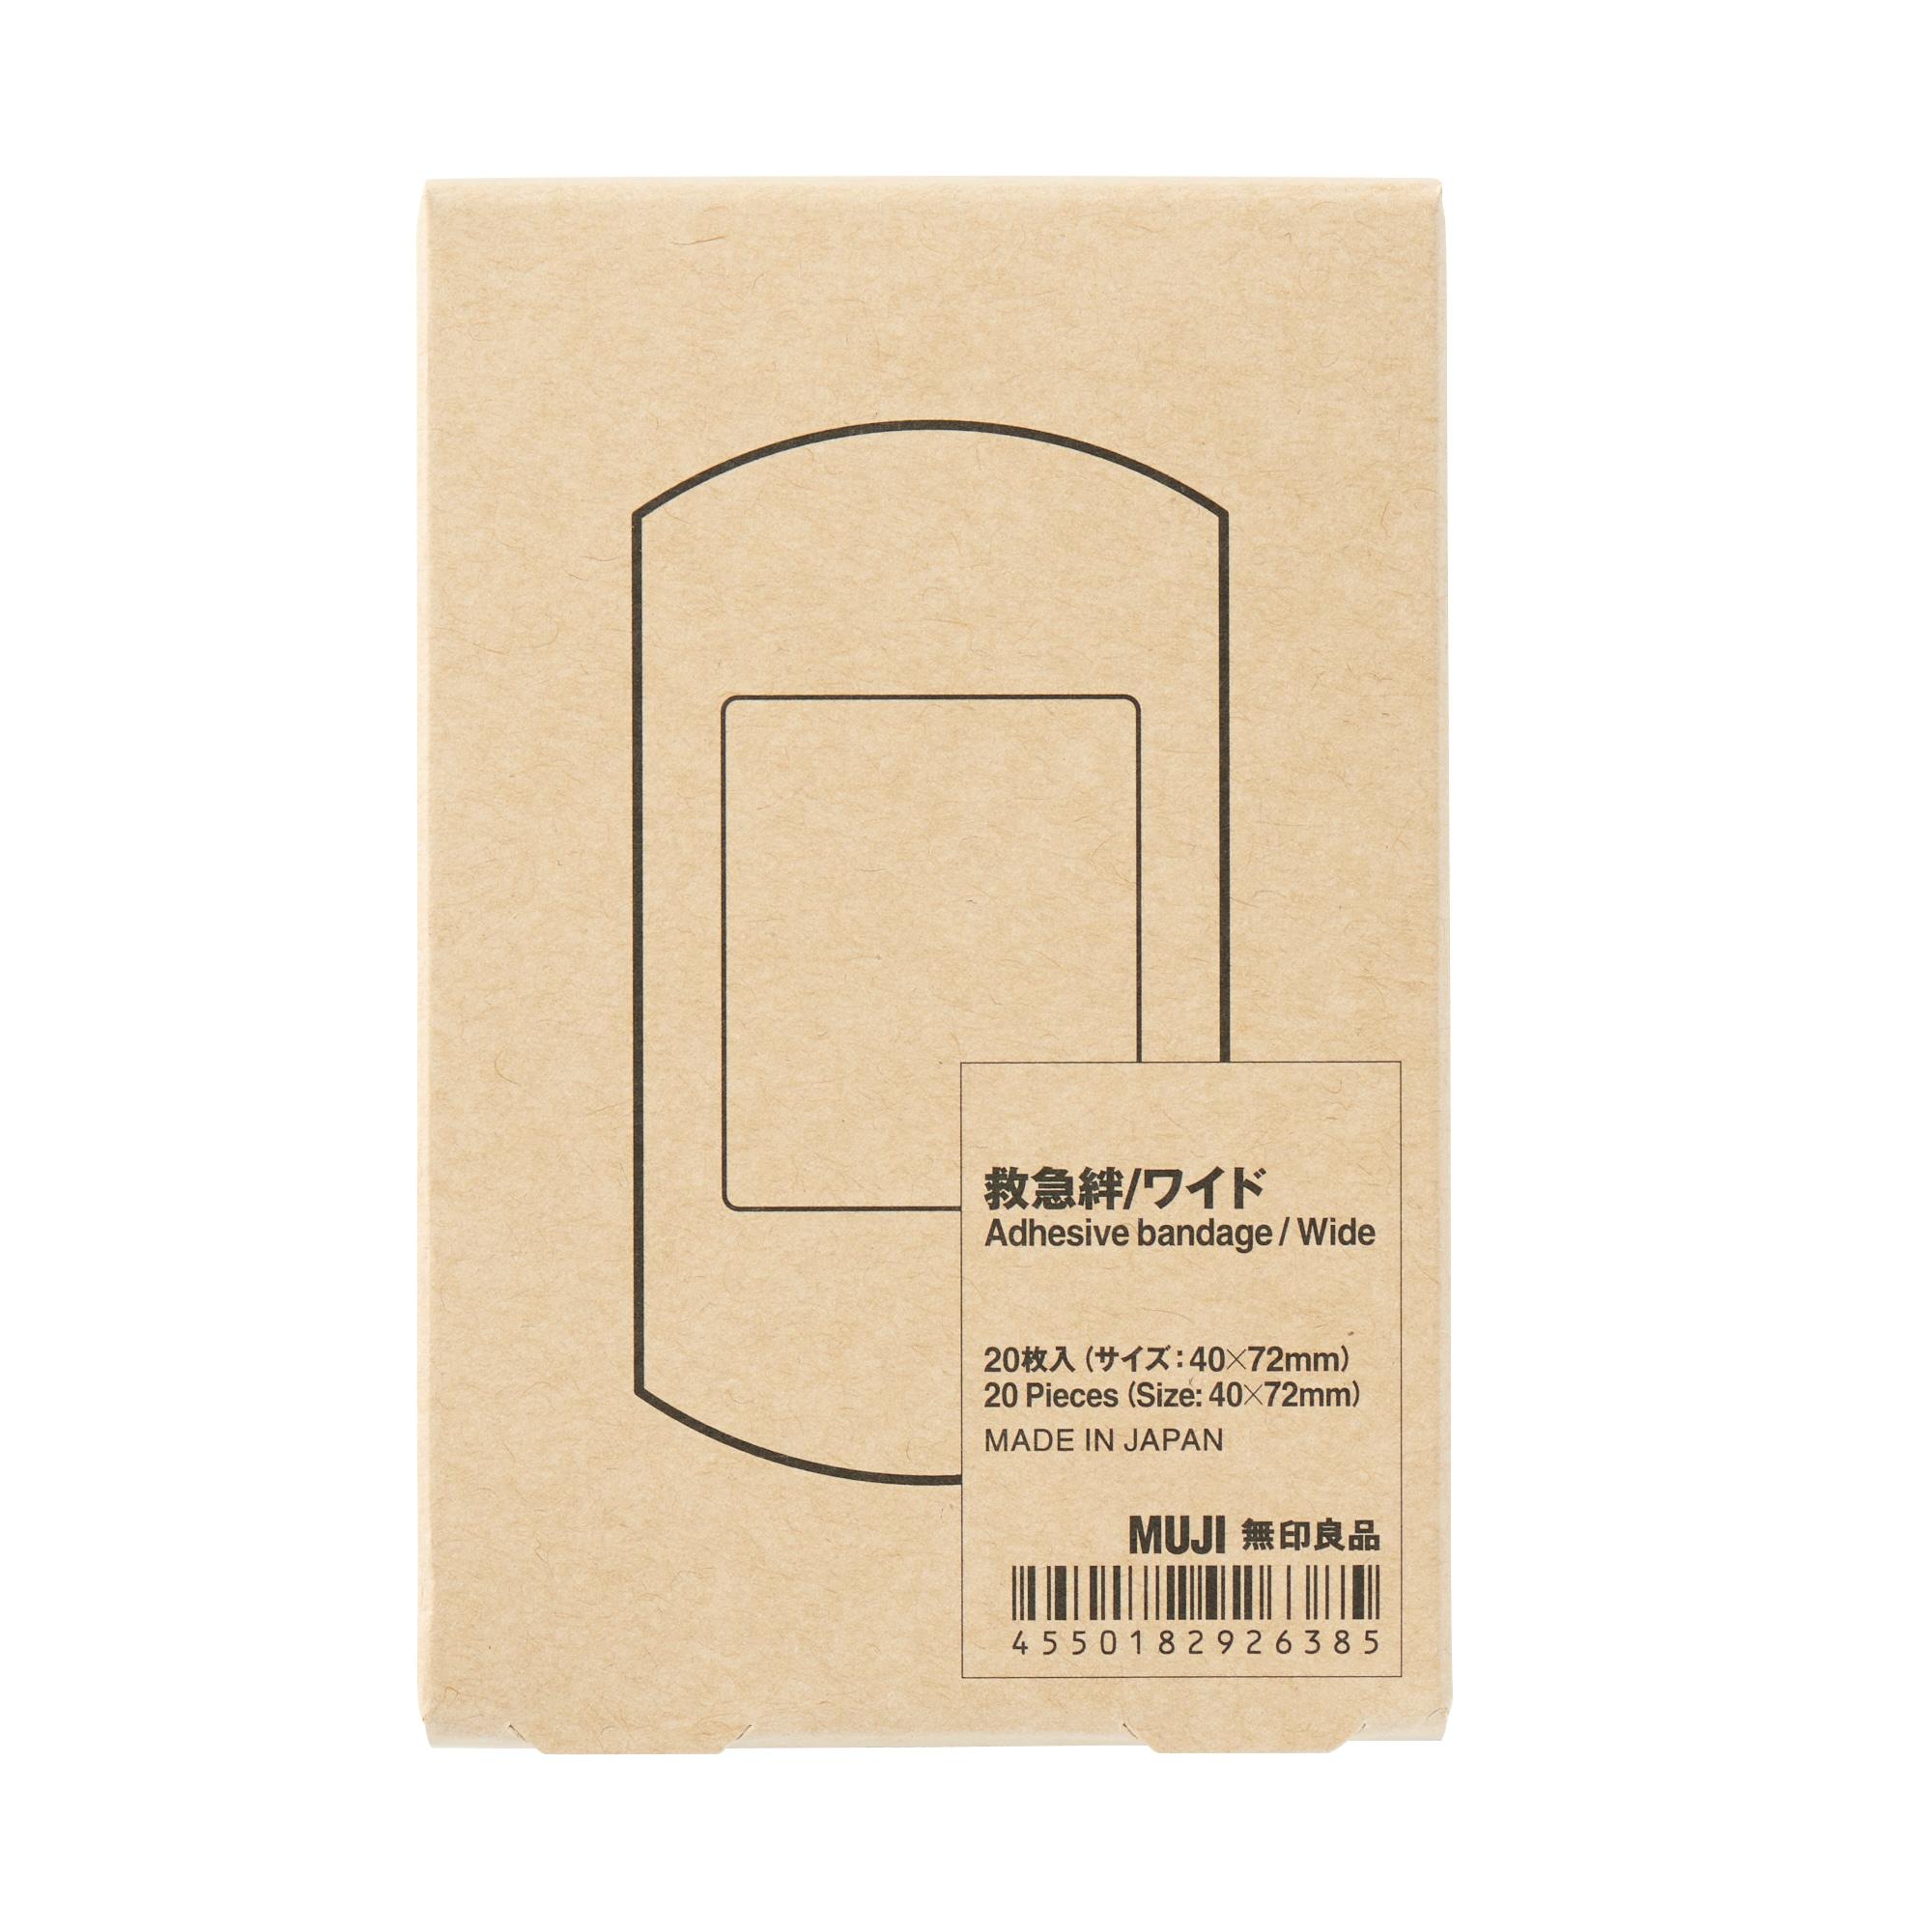 救急絆/ワイド 20枚入(サイズ:40×72mm)